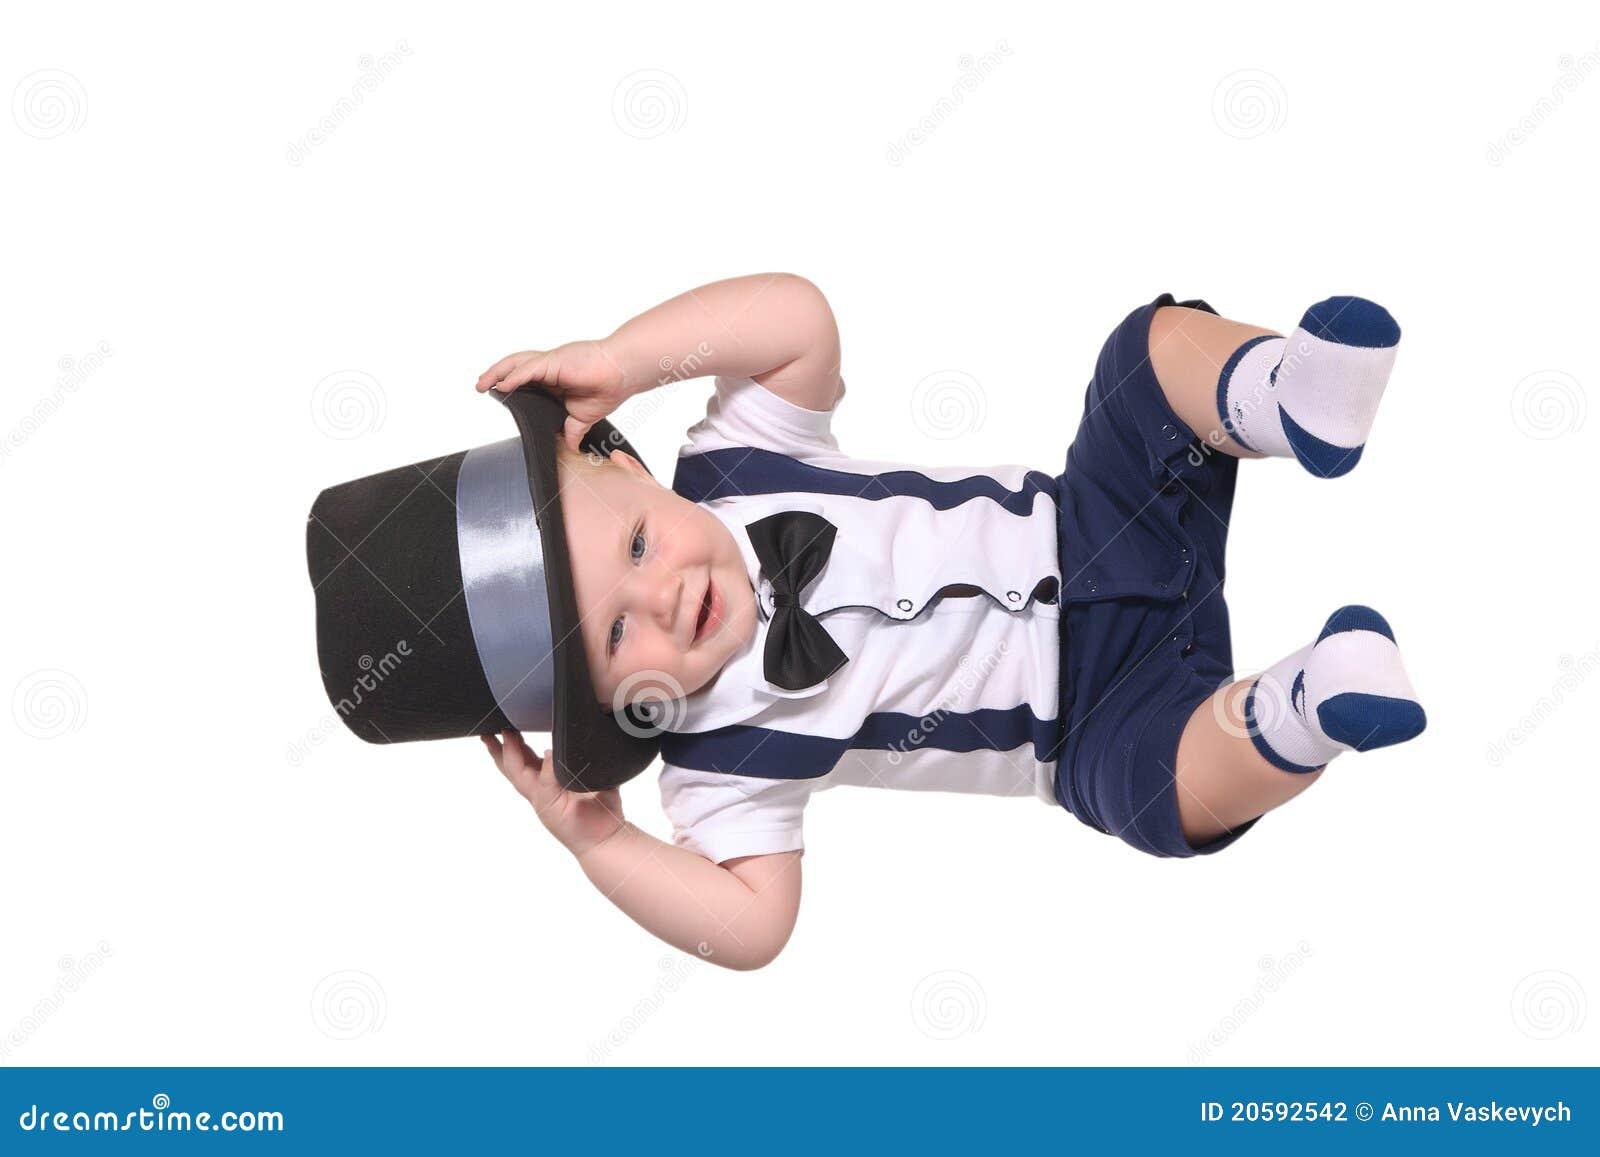 Baby boy gentleman putting on cylinder hat